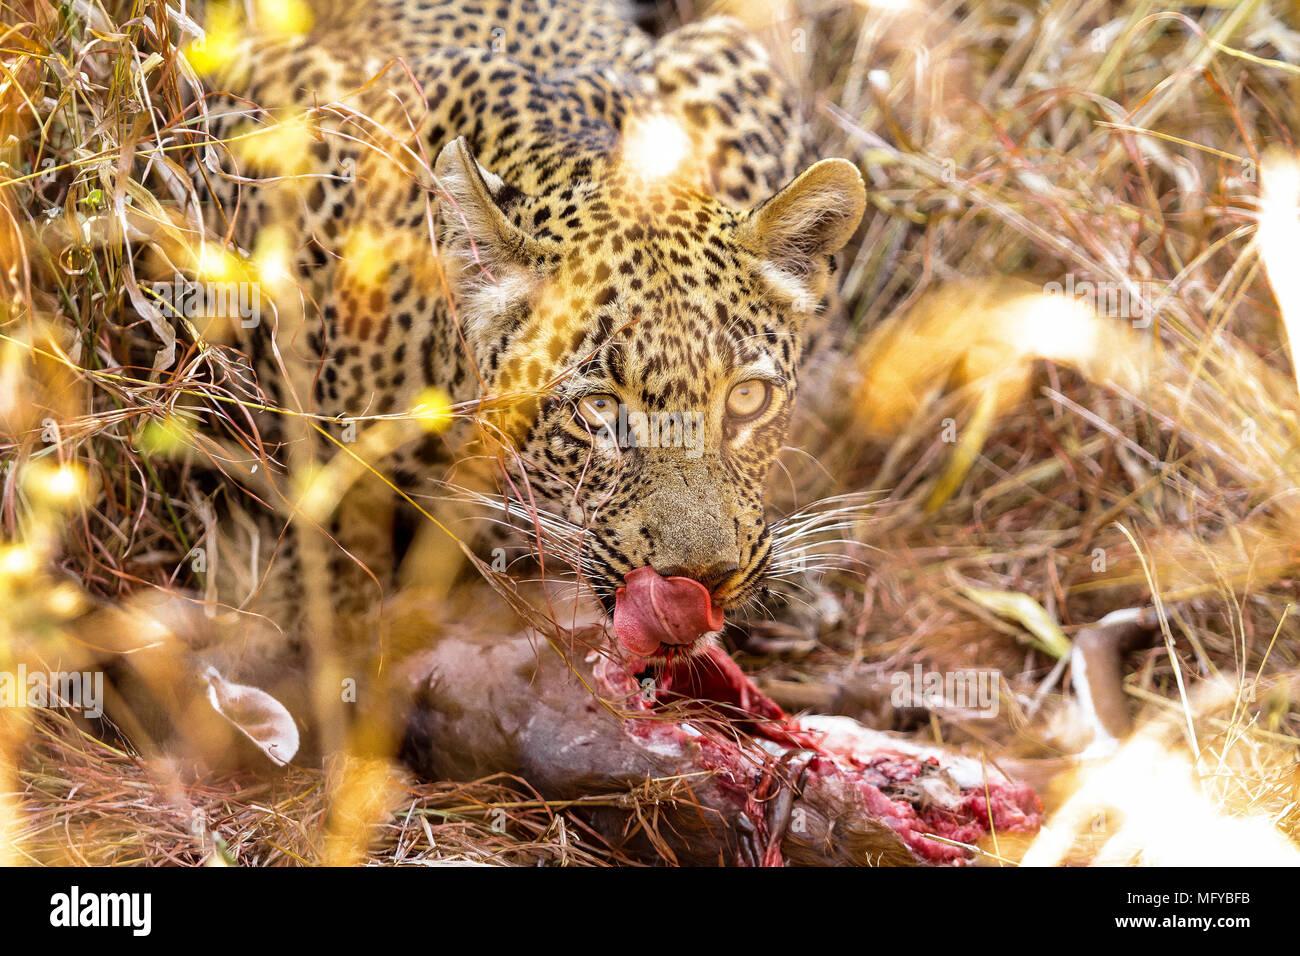 Photographié en safari dans une réserve de chasse de l'Afrique du Sud. Il était occupé à manger un nouveau kill au moment de photographier Banque D'Images